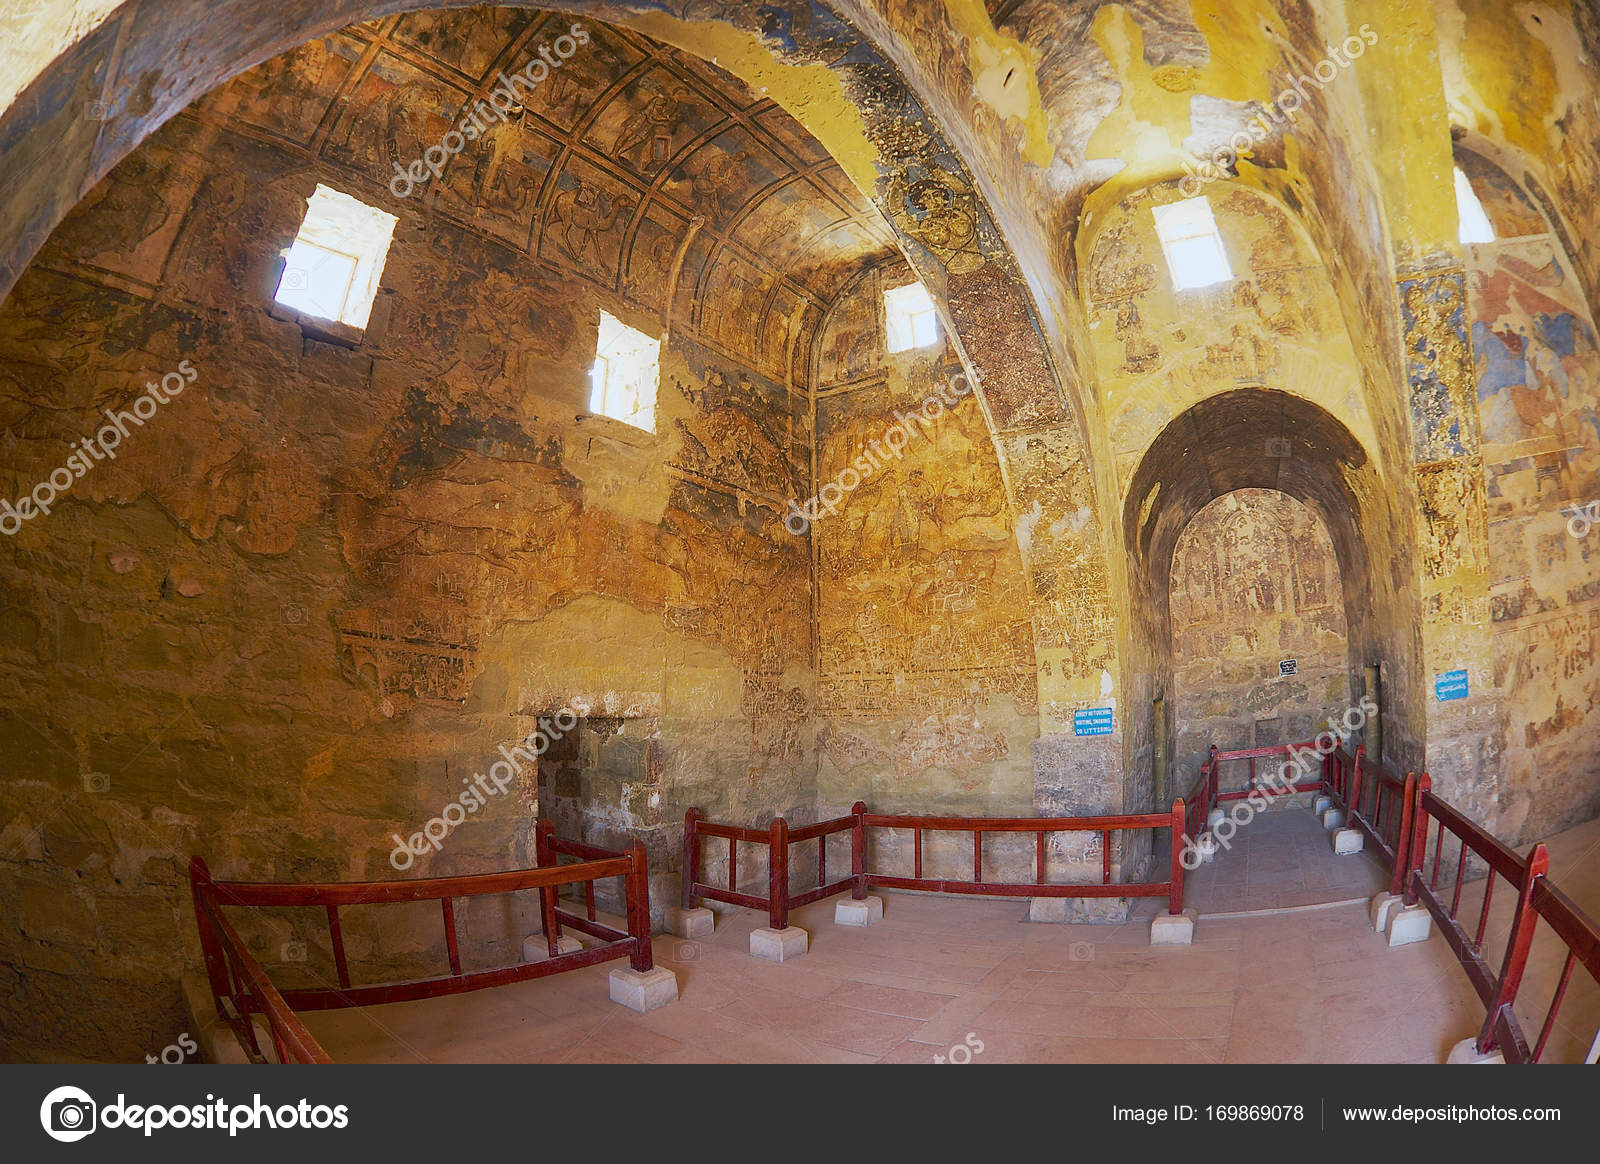 August 2012: Interieur Von Der Alten Umayyad Wüste Burg Von Qasr Amra Mit  Römischen Wandmalerei Wand  Und Deckengestaltung In Zarqa, Jordanien U2014 Foto  Von ...